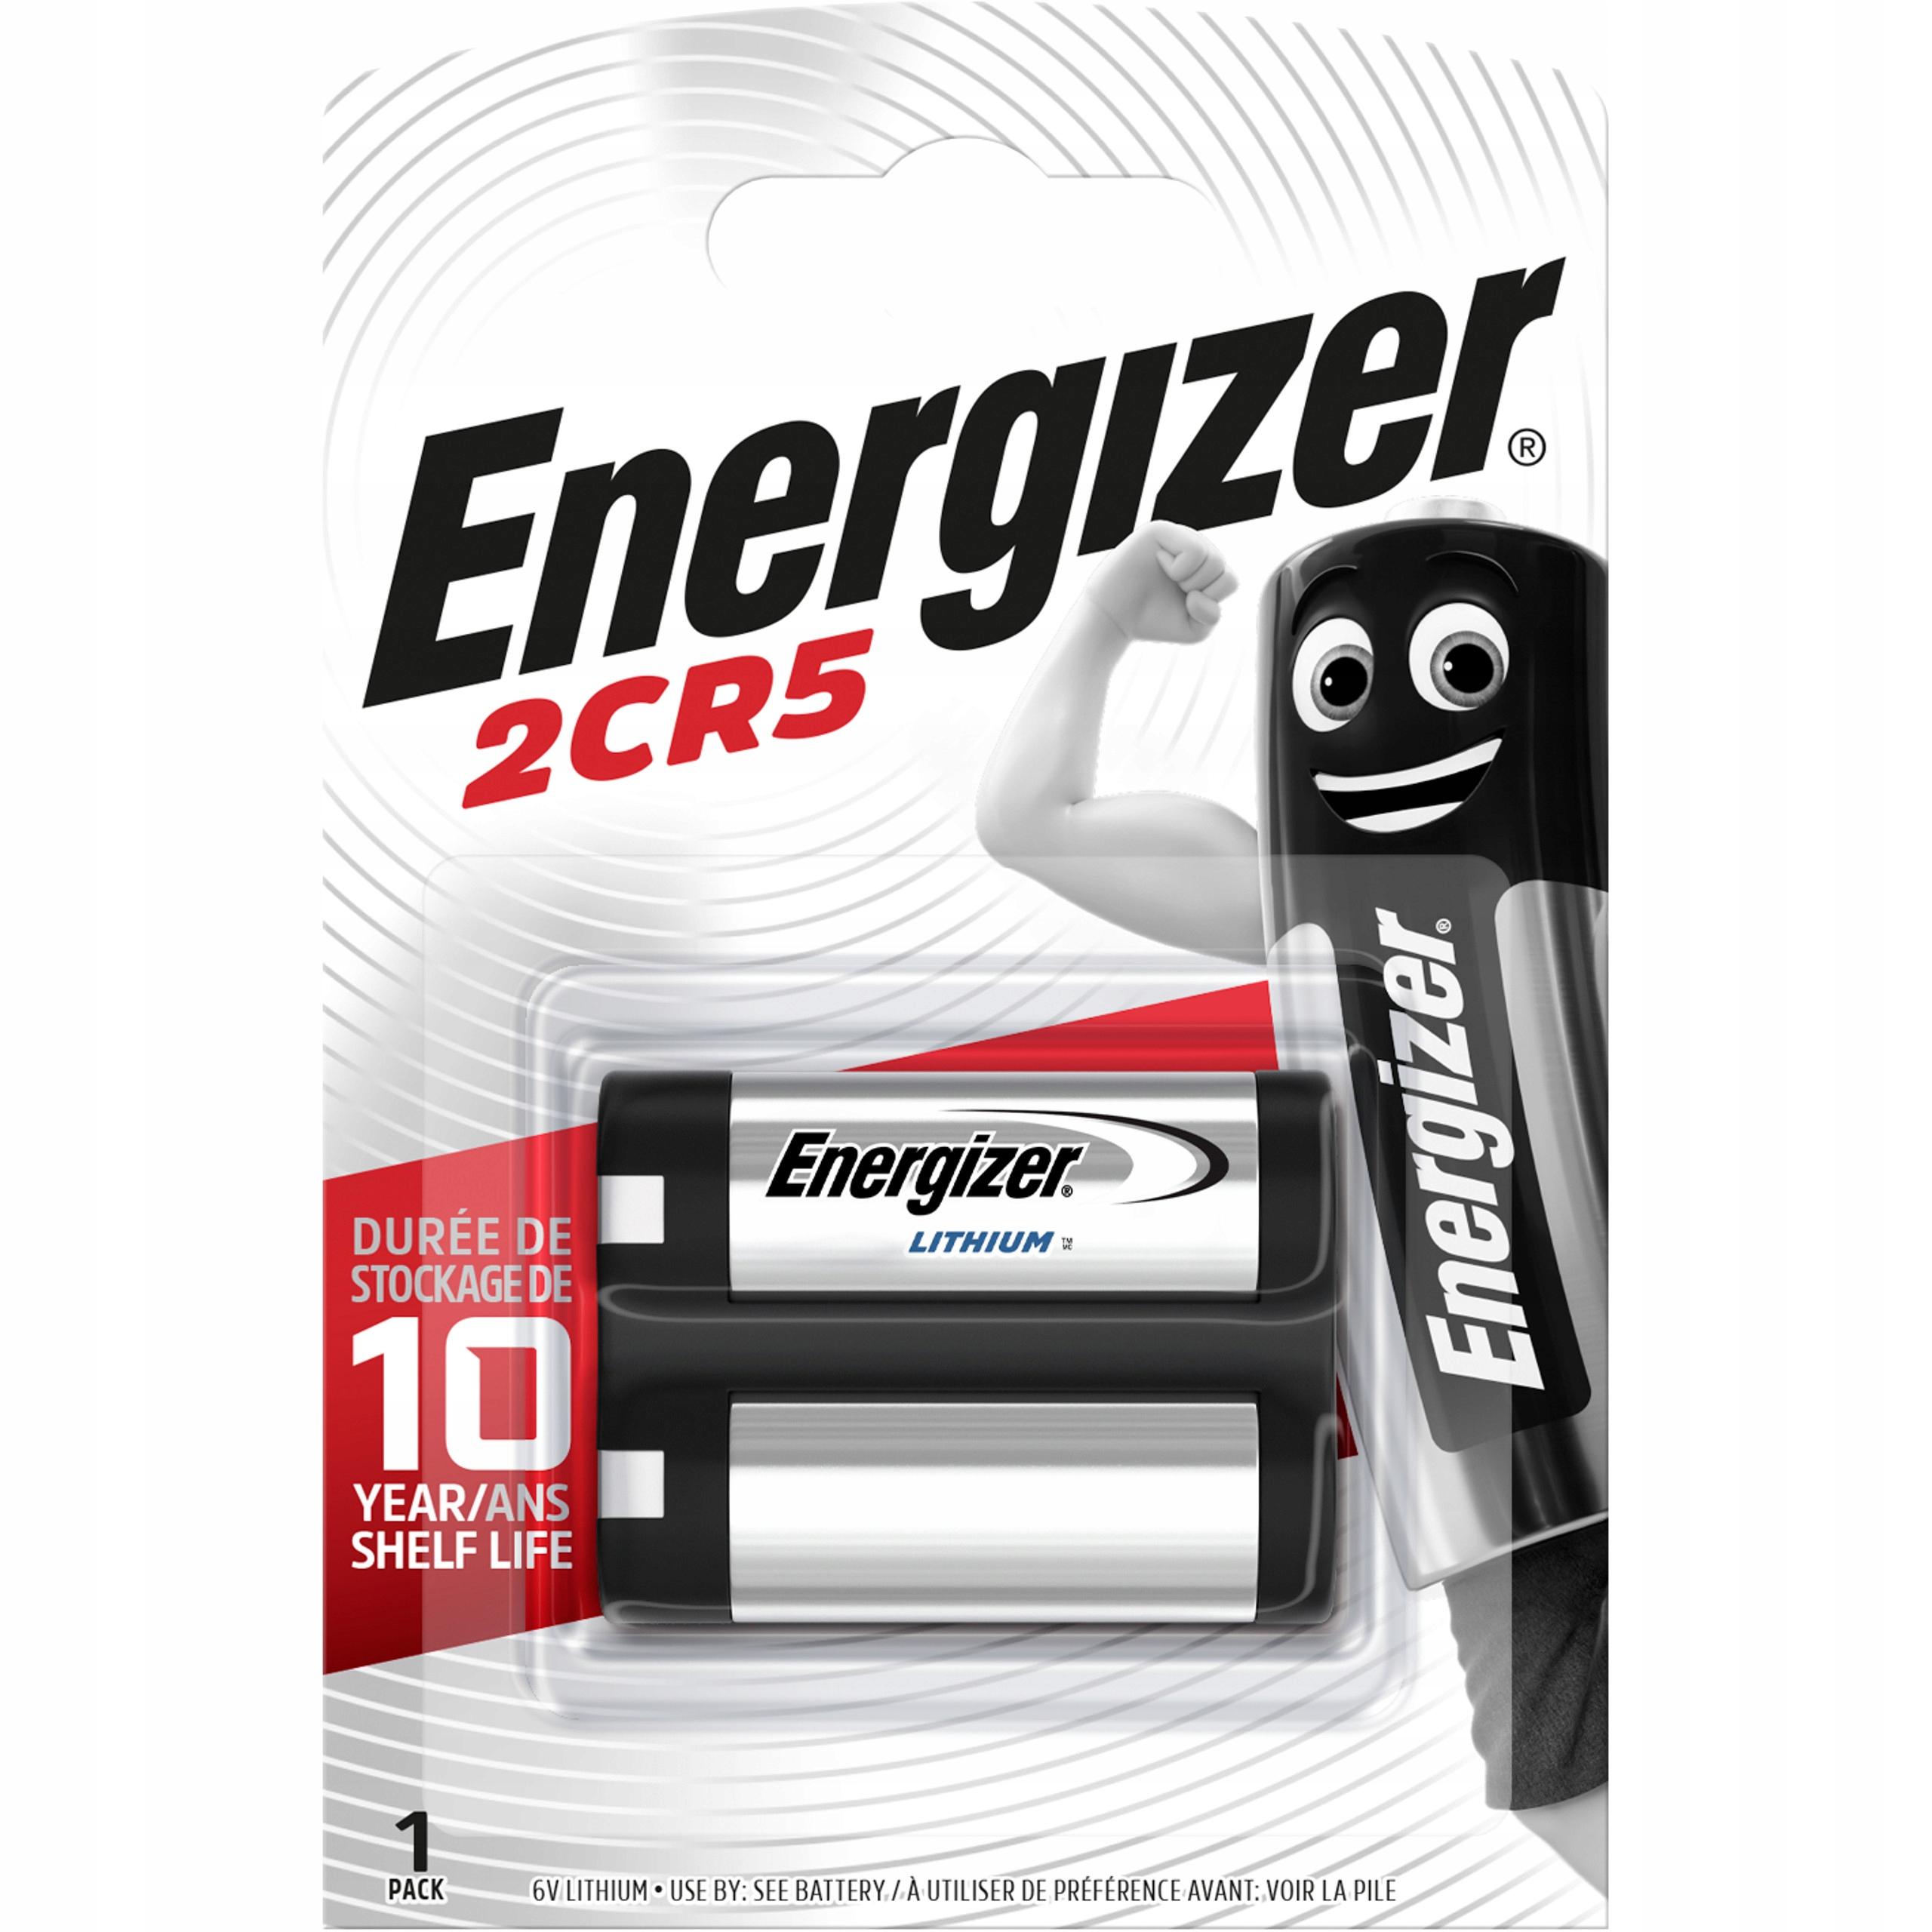 Energizovacia batéria Foto 2CR5 DL245 Lithium 6V